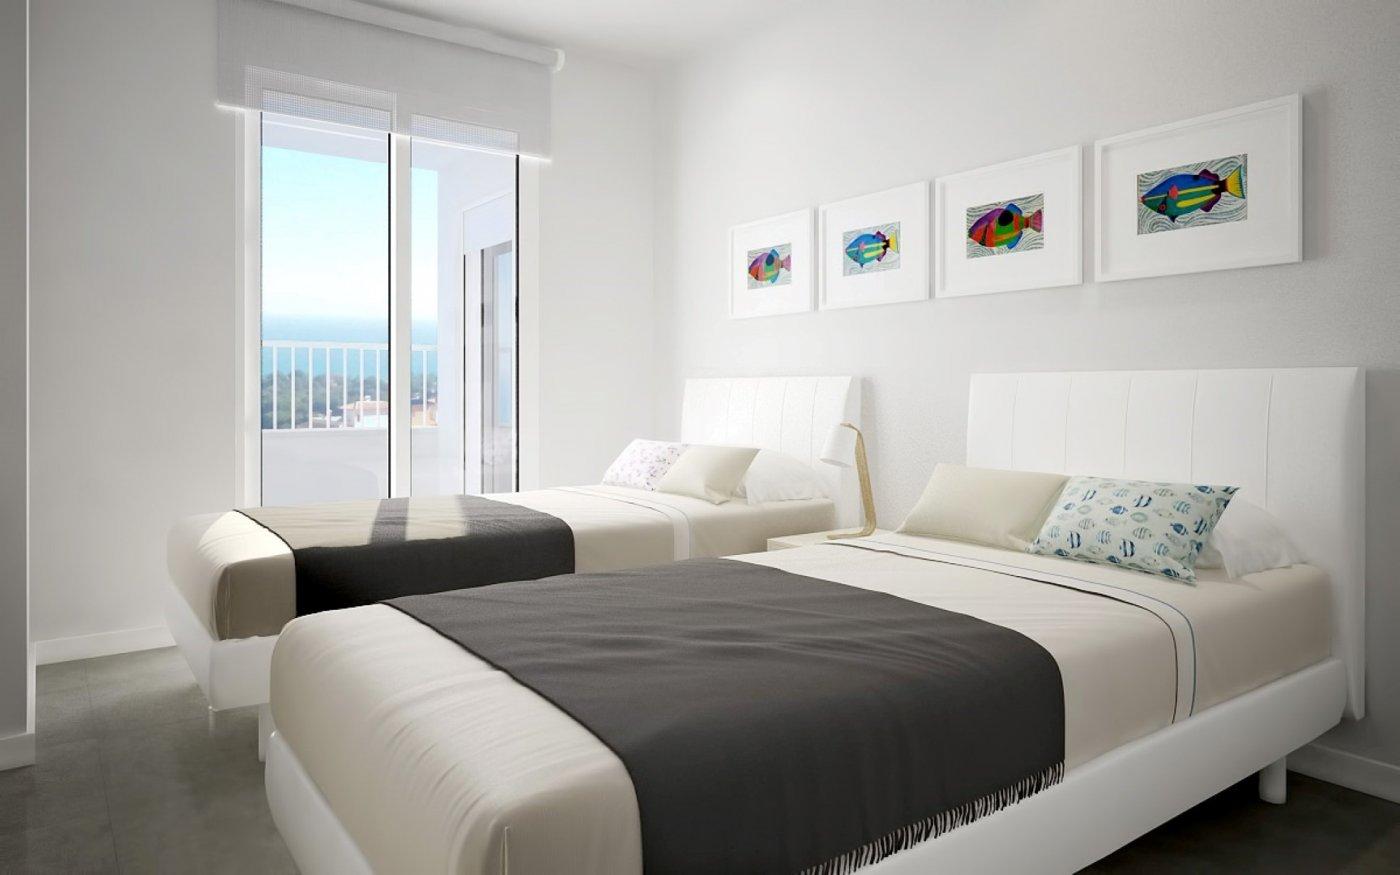 Nieuwe moderne 2 slaapkamer appartementen met uitzicht op zee